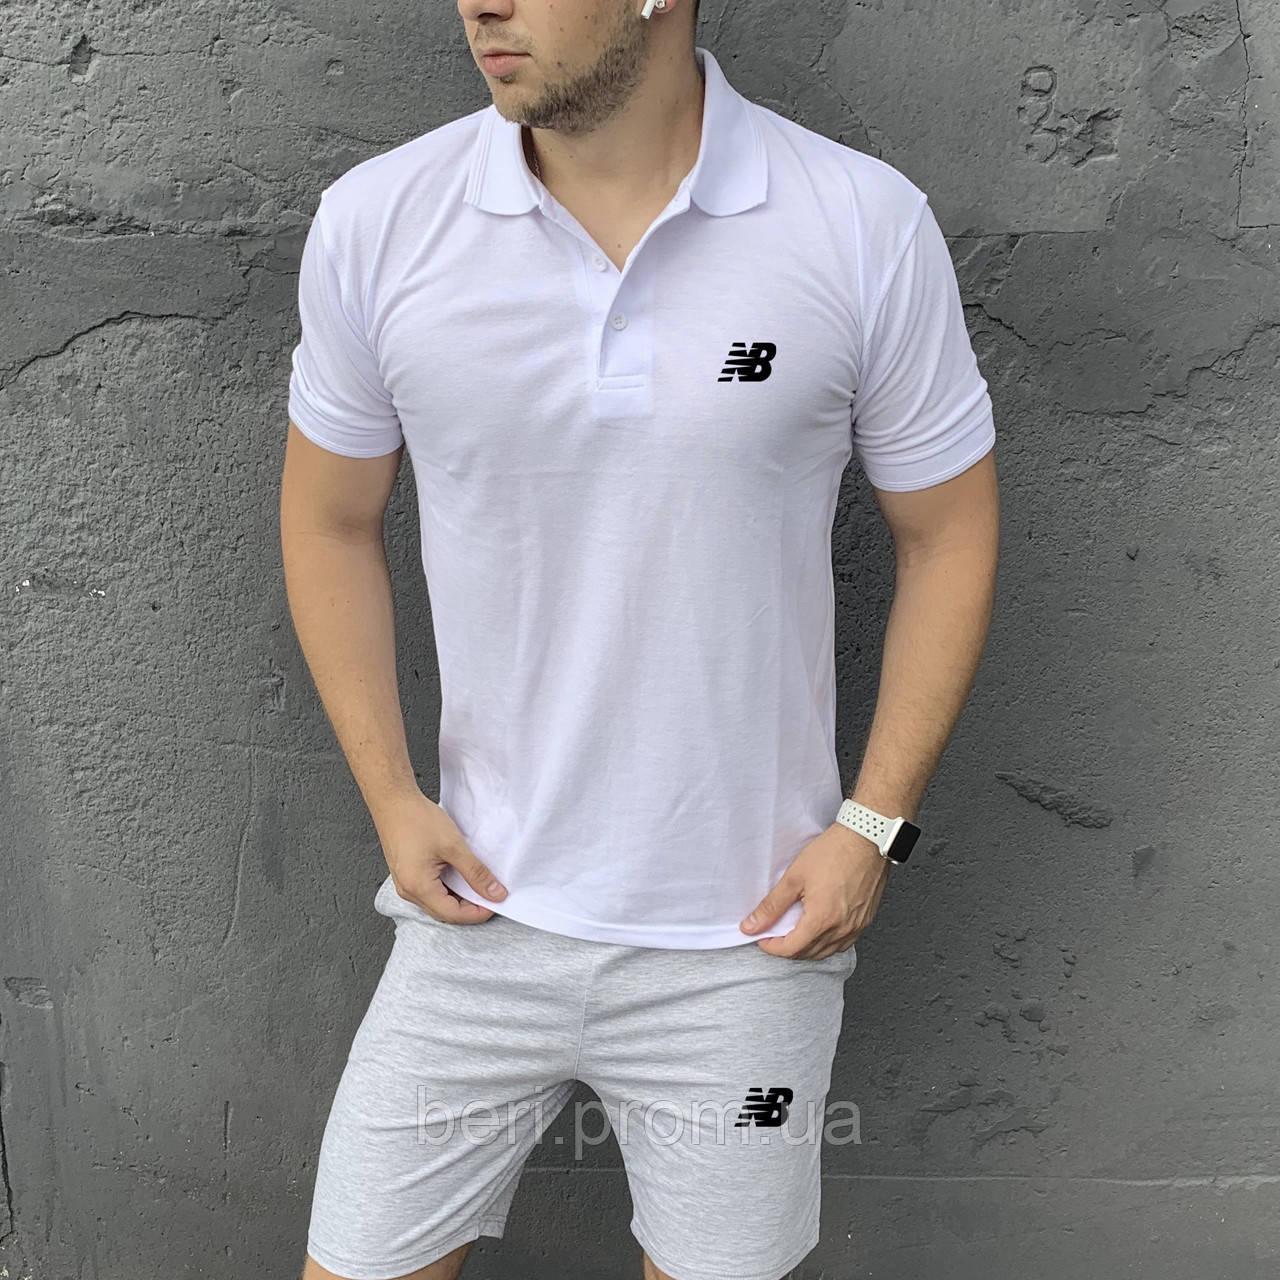 New Balance | Мужской летний спортивный костюм, комплект мужские шорты и мужская футболка поло | Нью Беленс